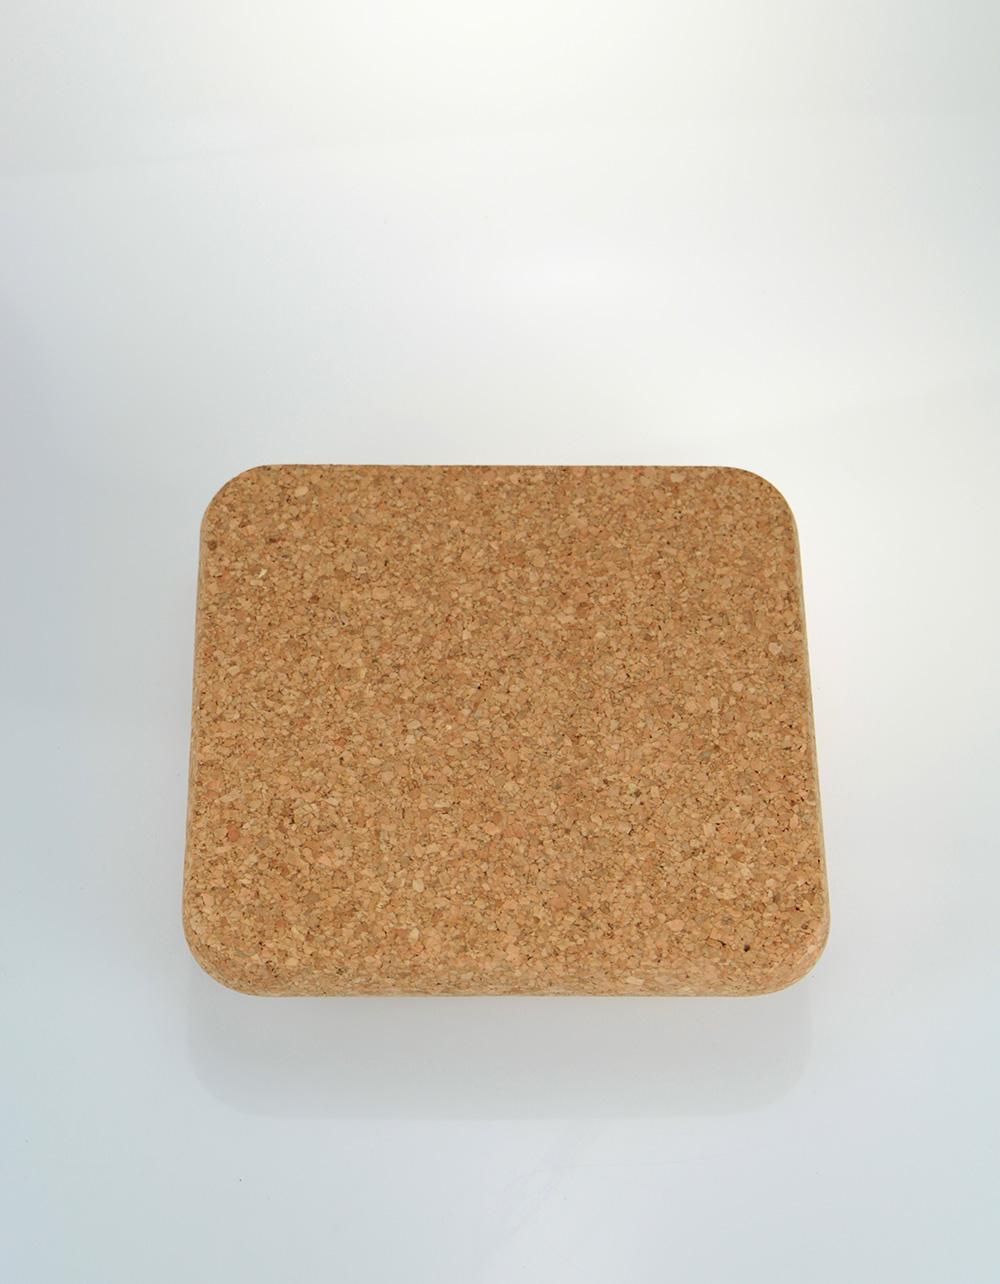 The Essential Ingredient Cork Mat Square 20cm x 20cm x 2cm